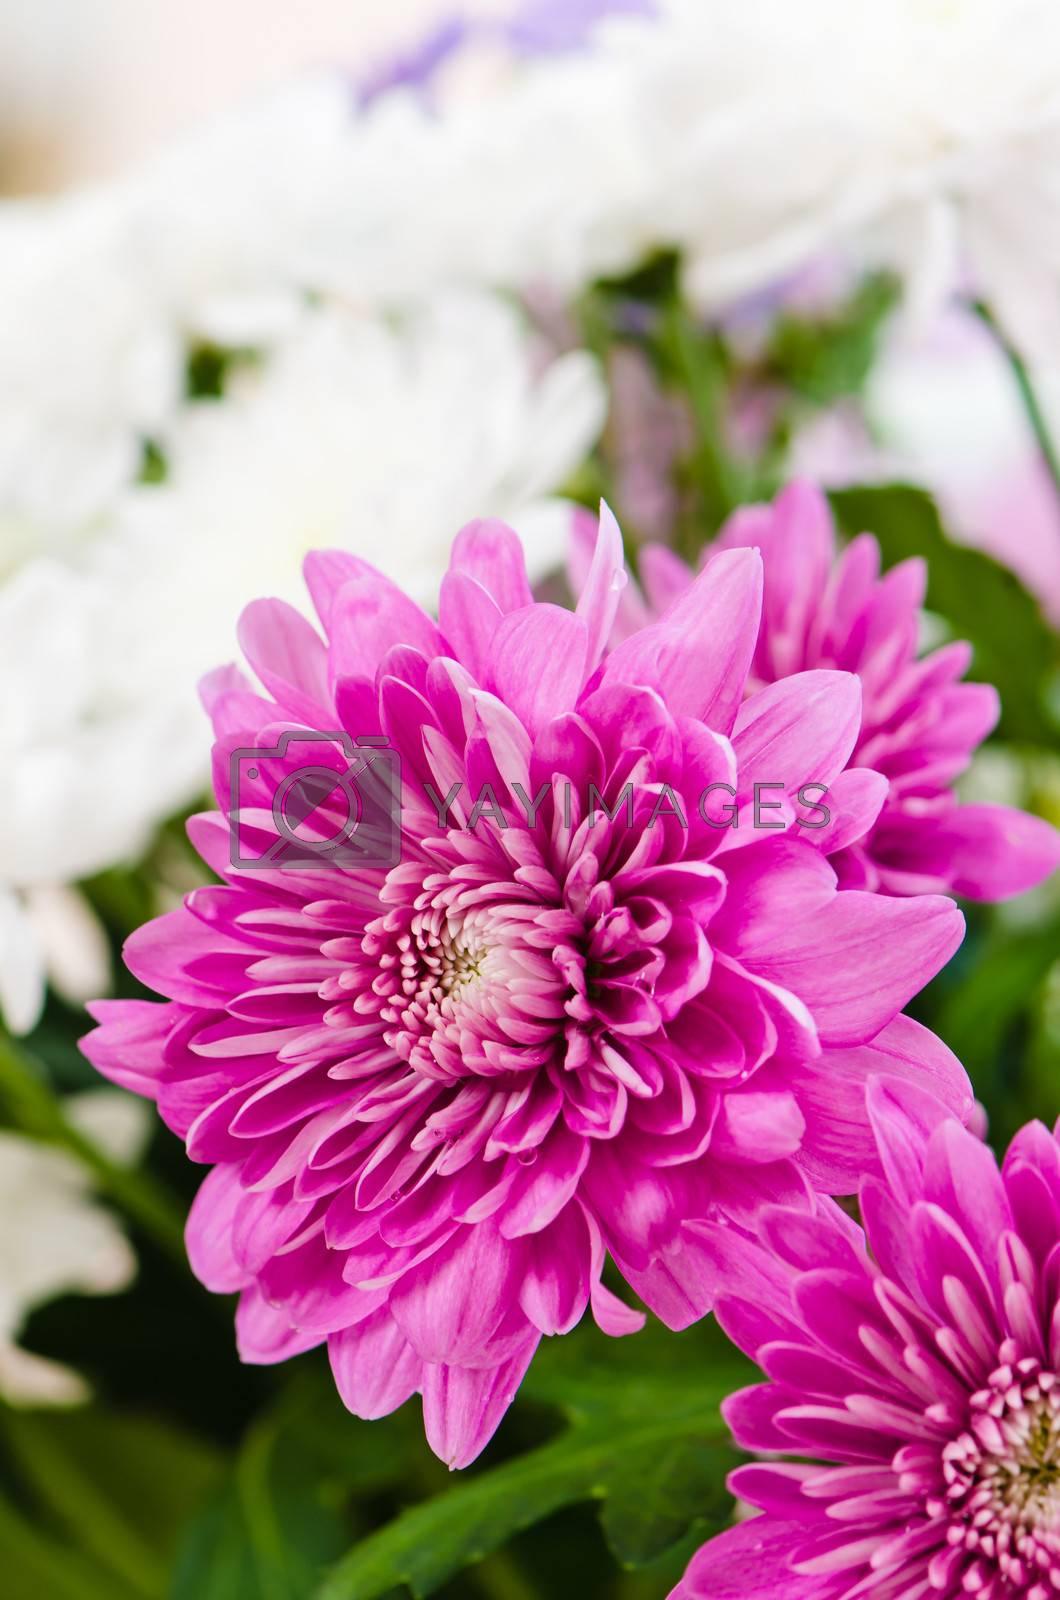 Summer flowers bouquet, close-up